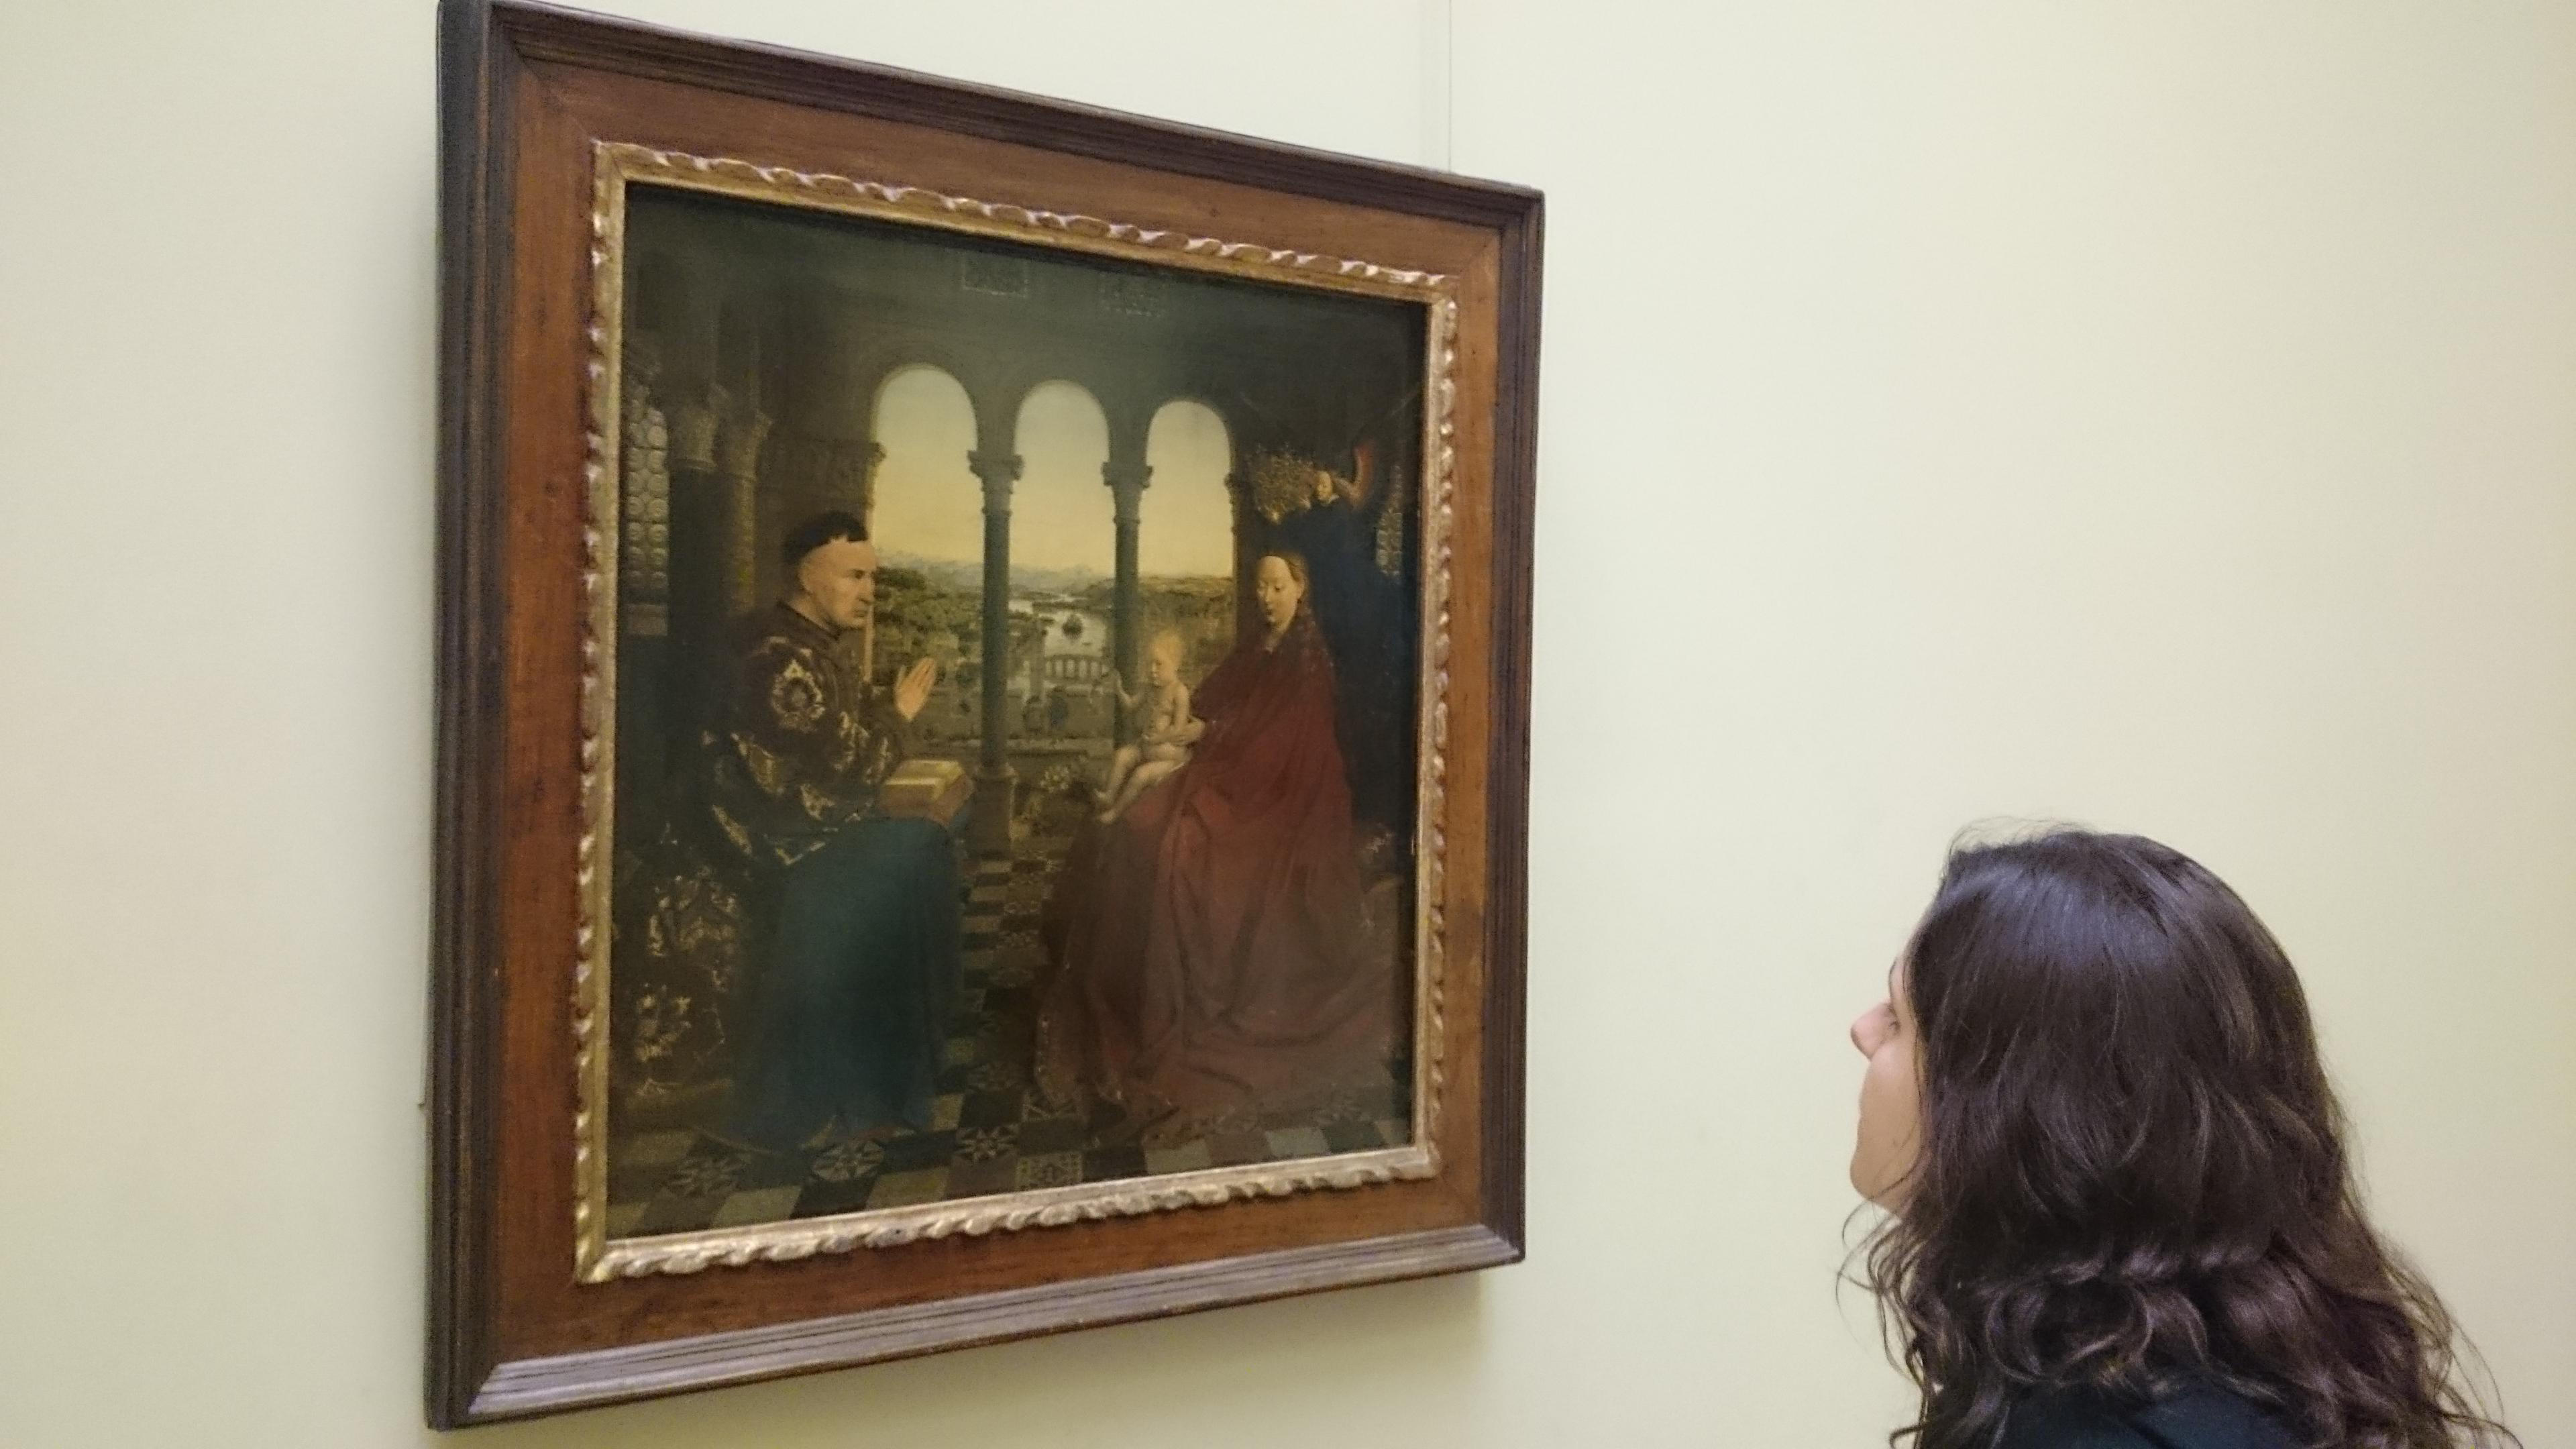 dsc 1552 - Consejos para visitar el Museo Louvre (y otros museos)